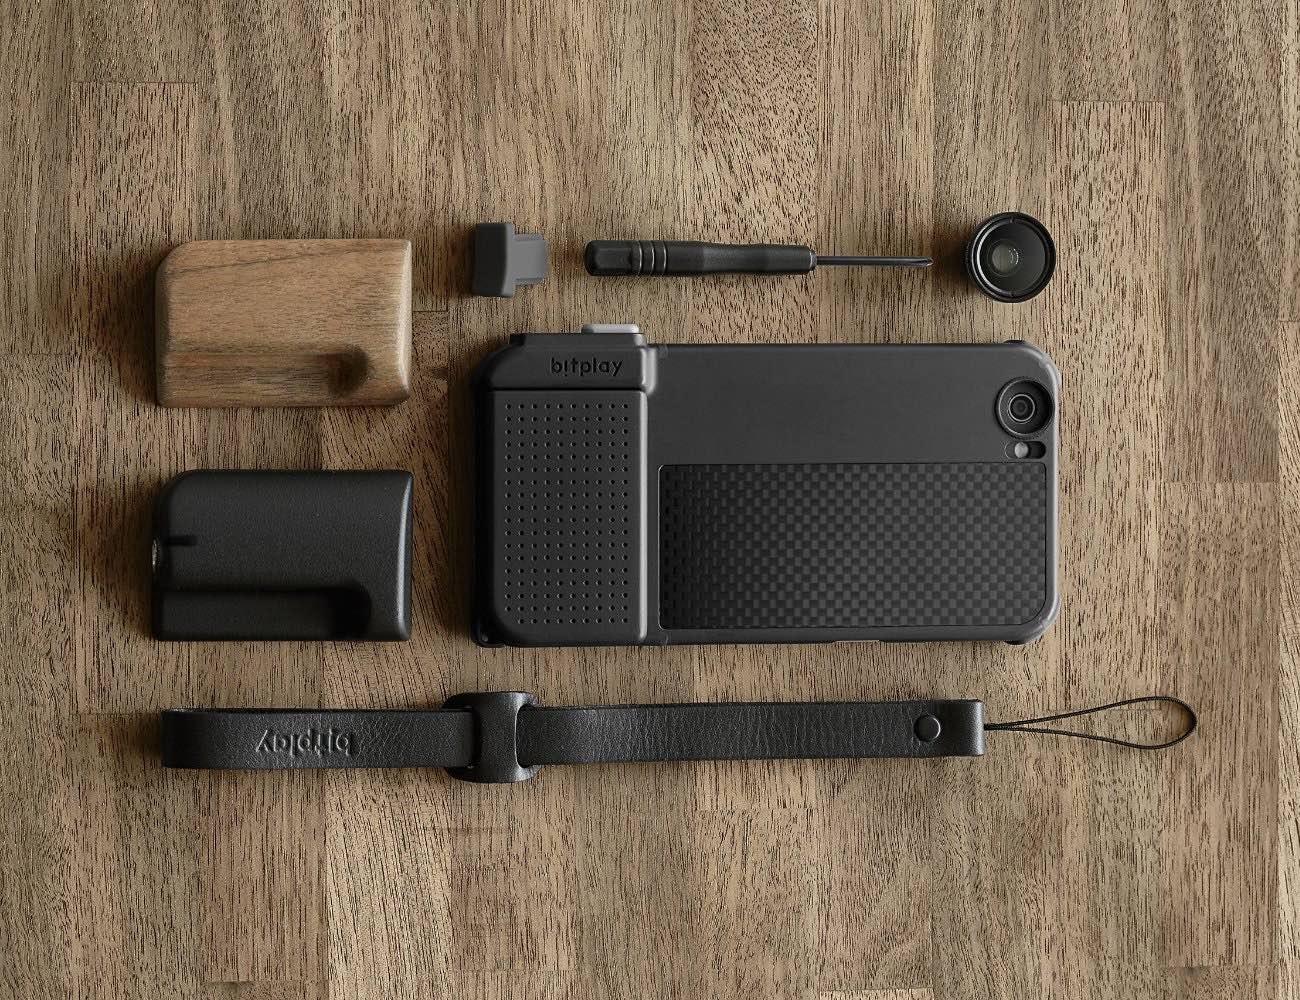 snap-pro-camera-case-kit-by-bitplay-03